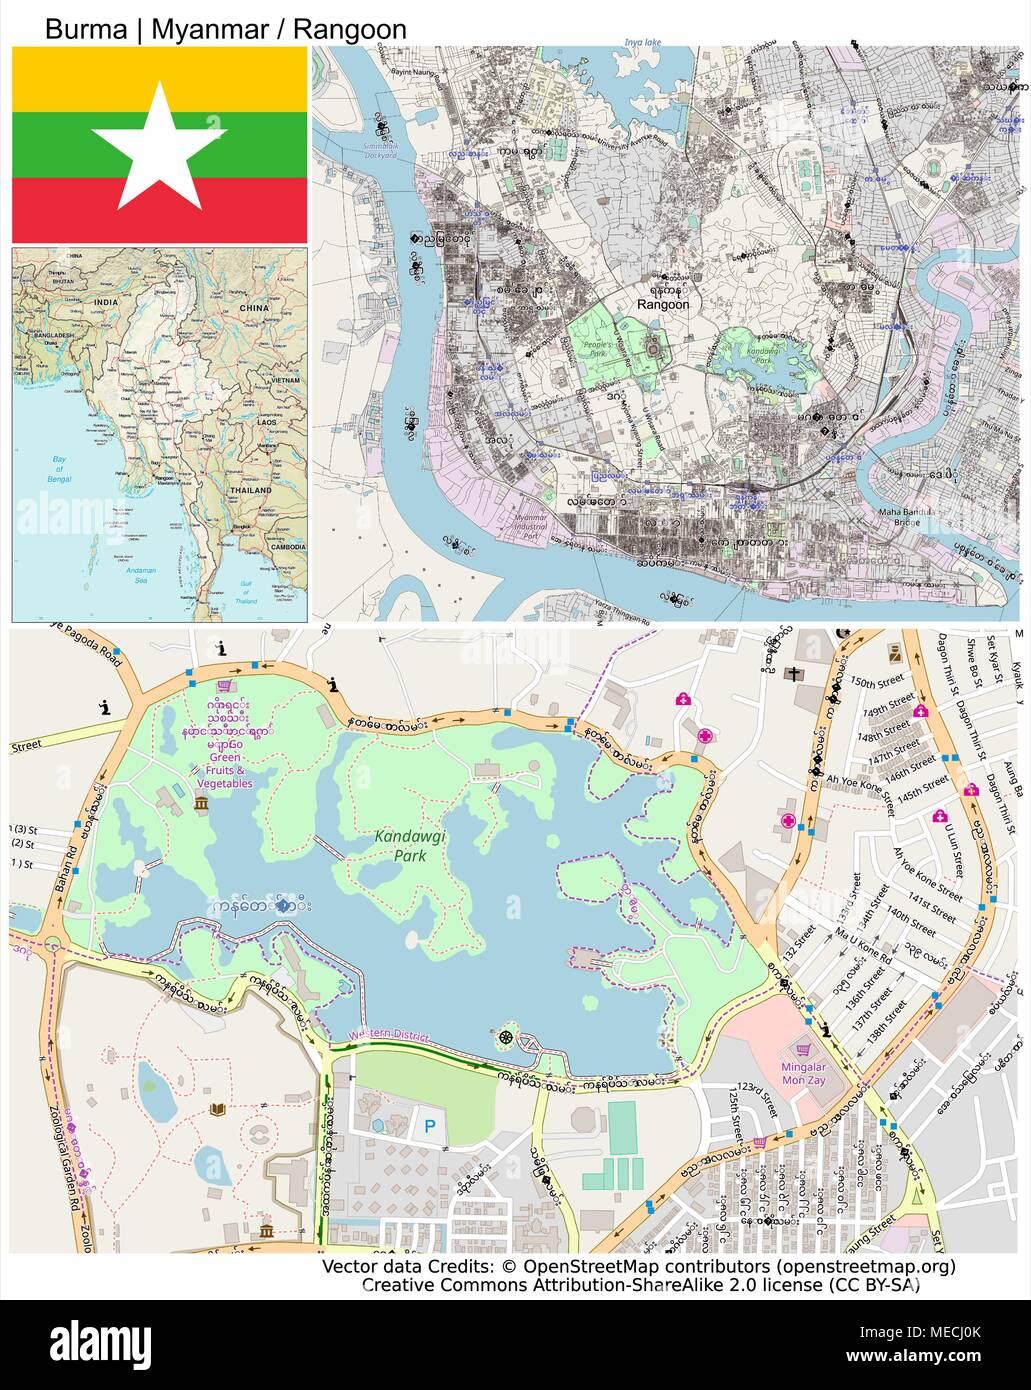 Burma Myanmar Bay of Bengal Rangoon  Naypyidaw - Stock Vector